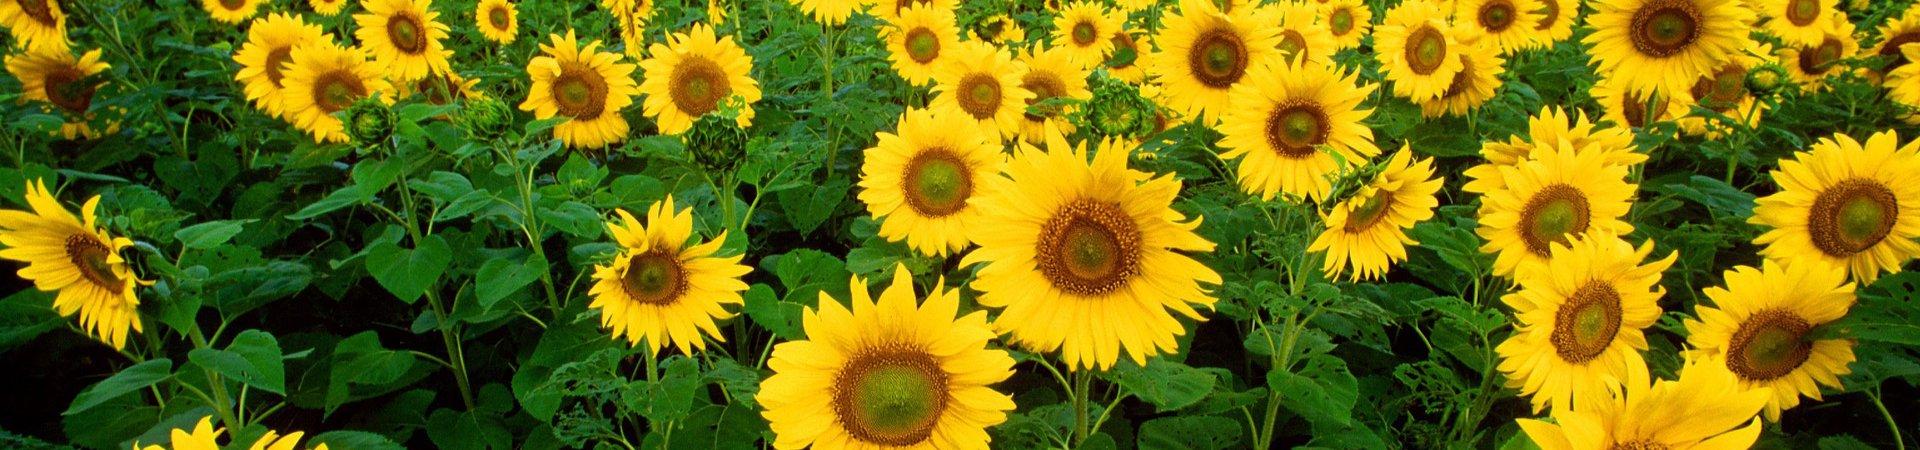 auringonkukat, terveyttä auringossa